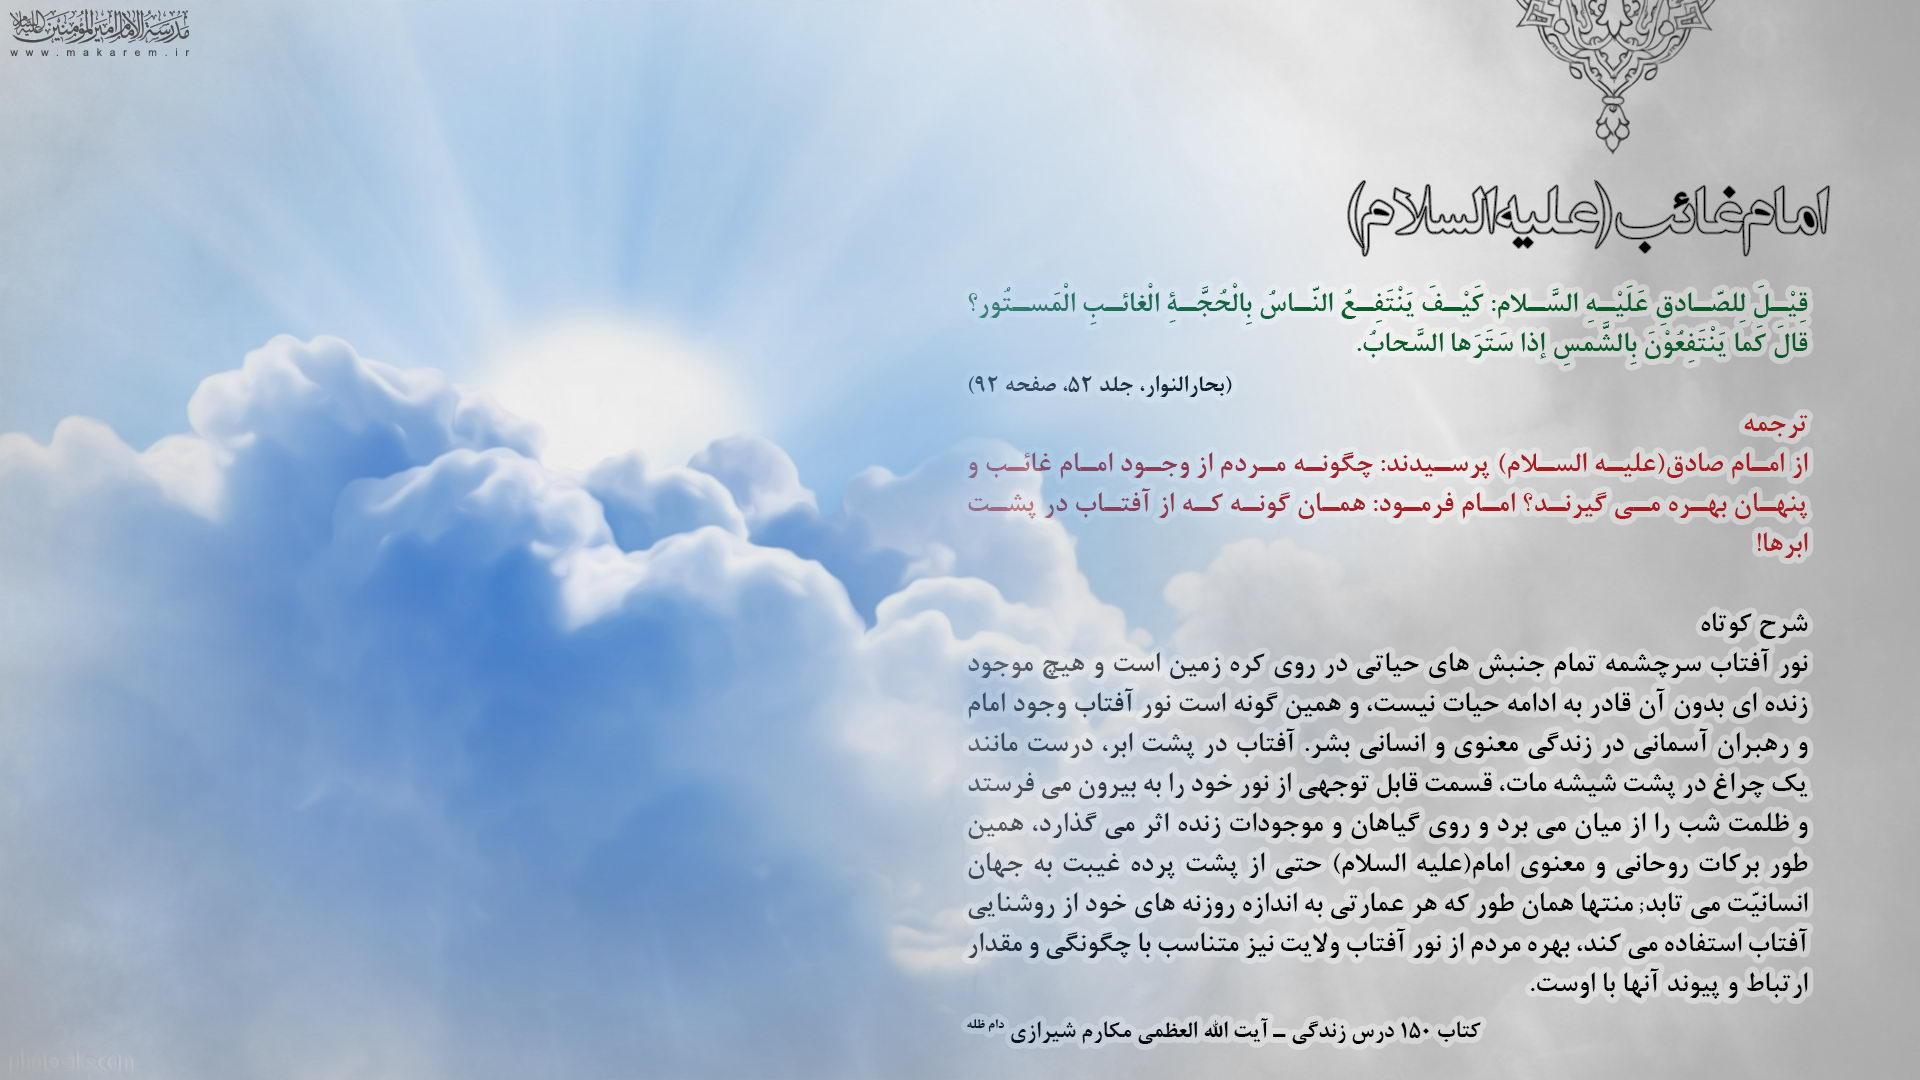 امام غائب (علیه السلام)